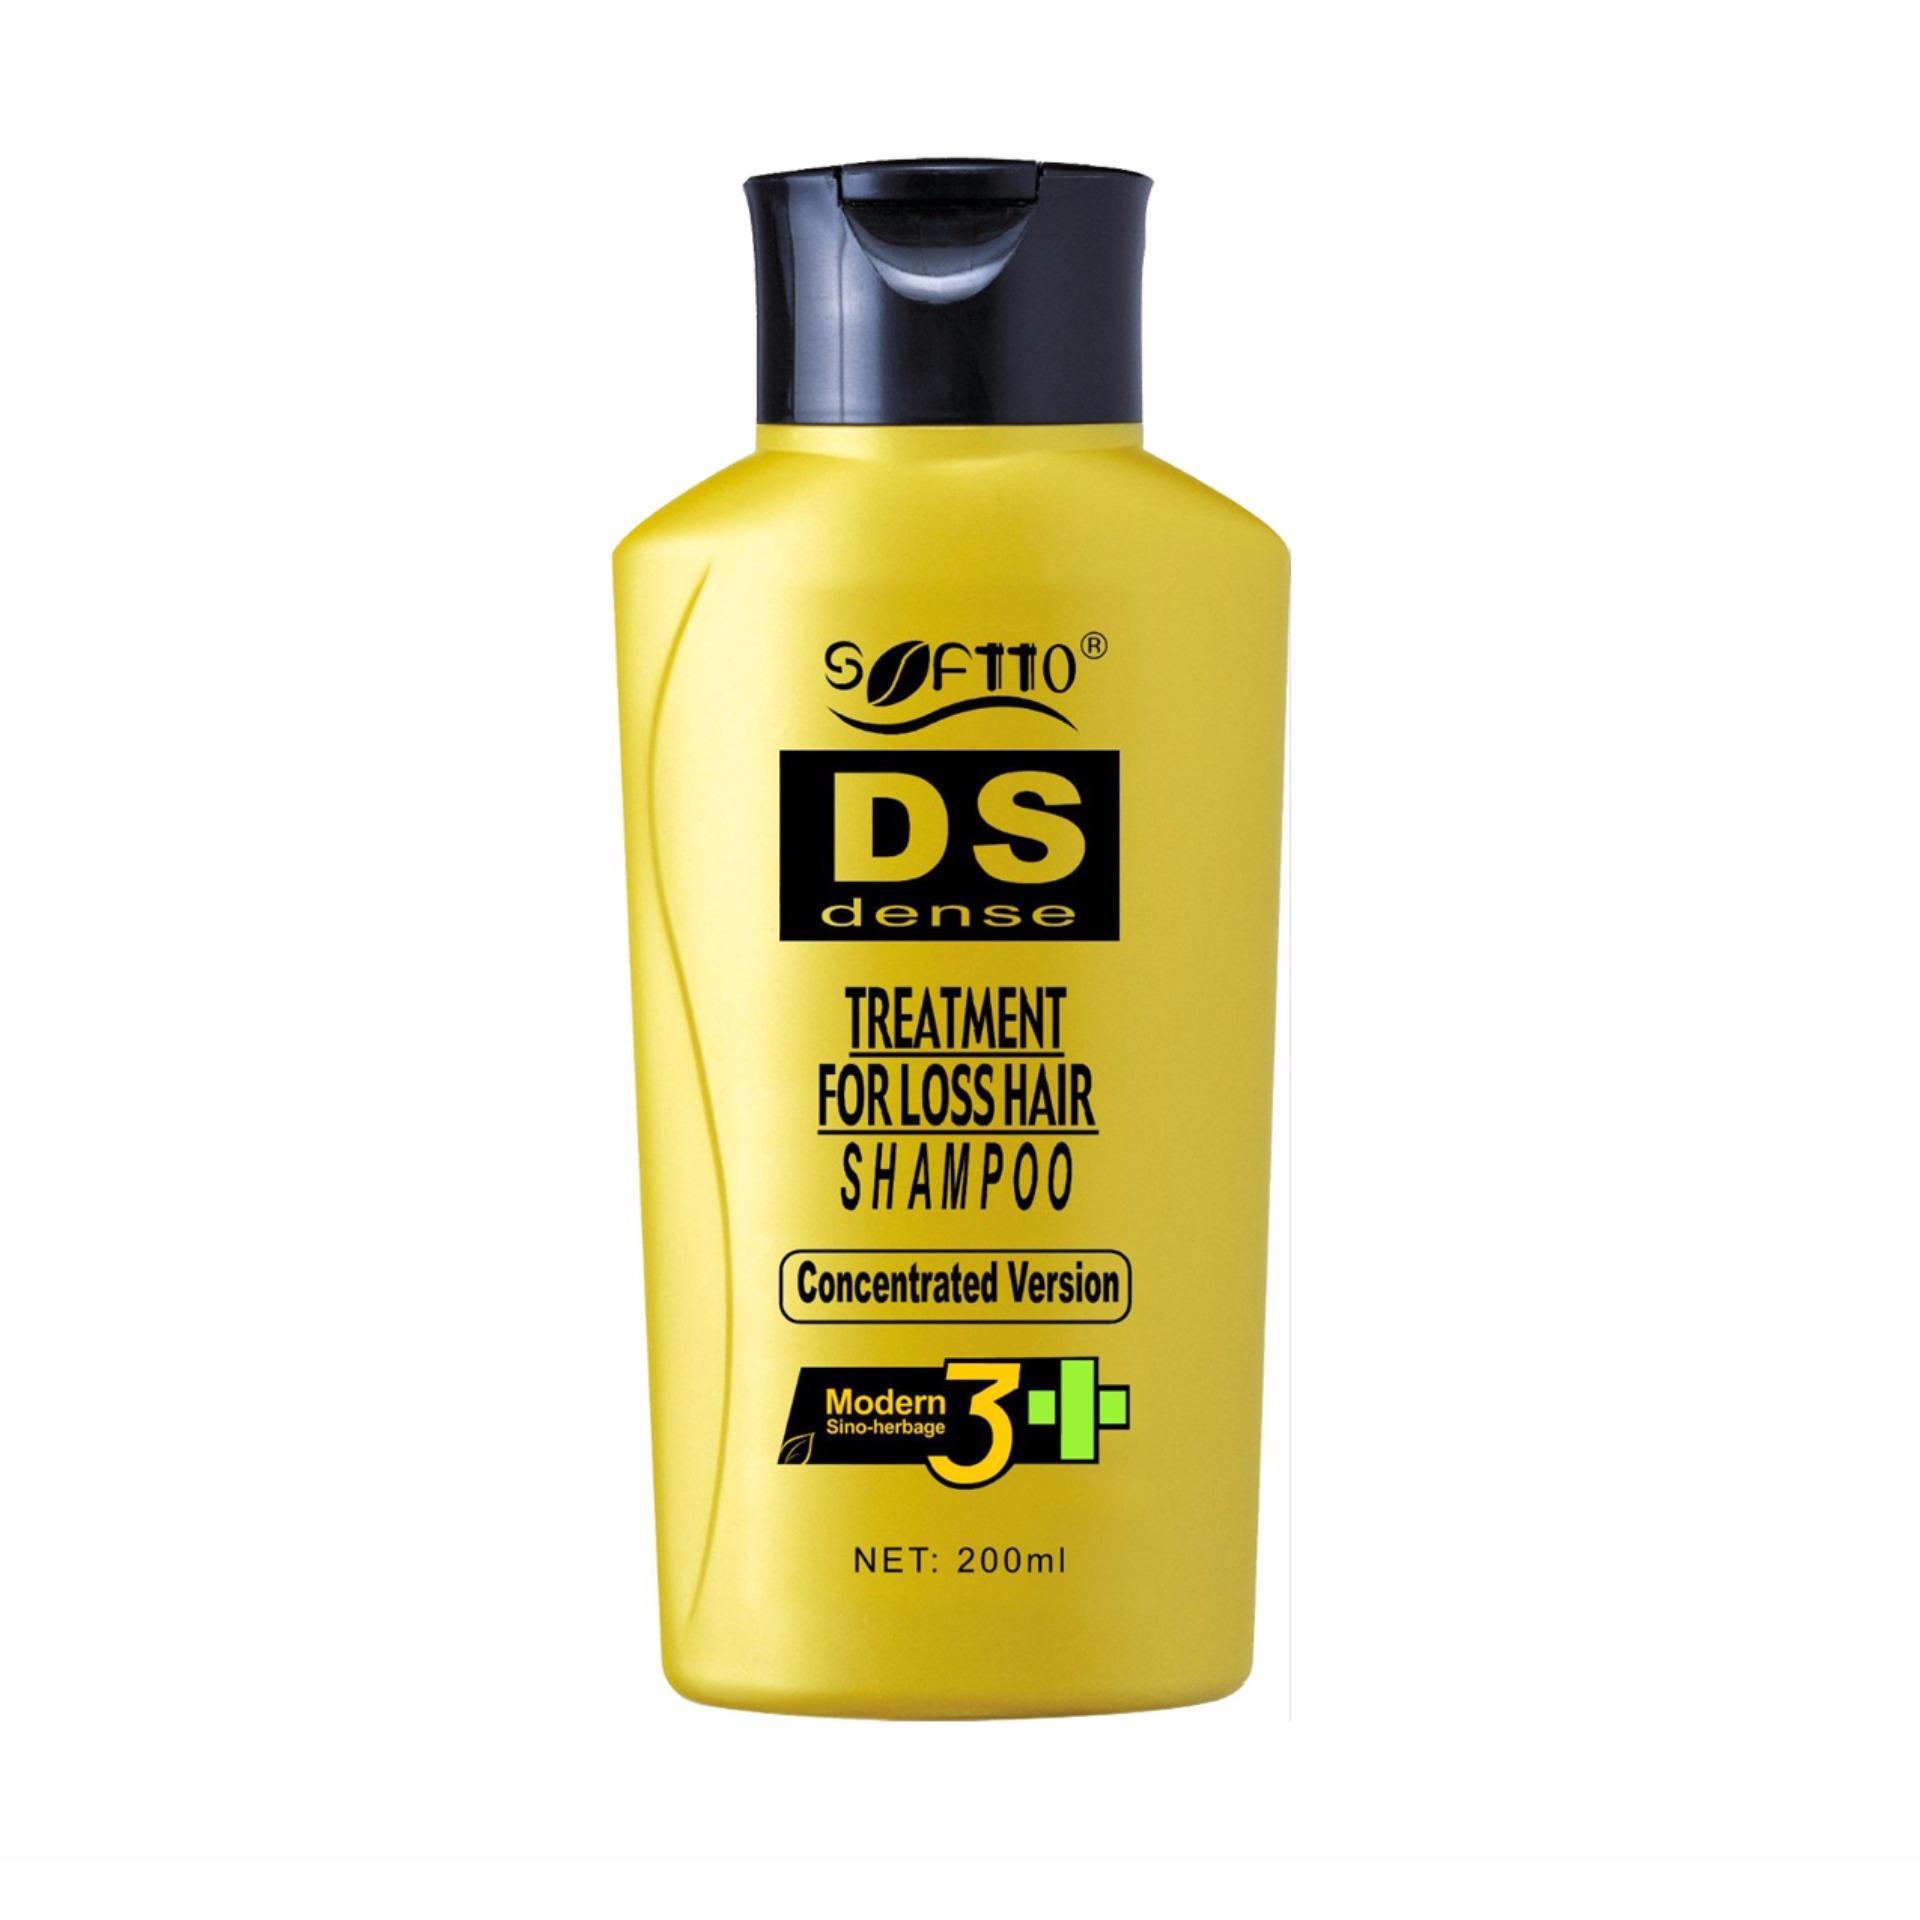 Berapa Harga Ds Softto Hair Loss Shampoo Penumbuh Kebotakan Dan Rambut Rontok Softto Di Dki Jakarta